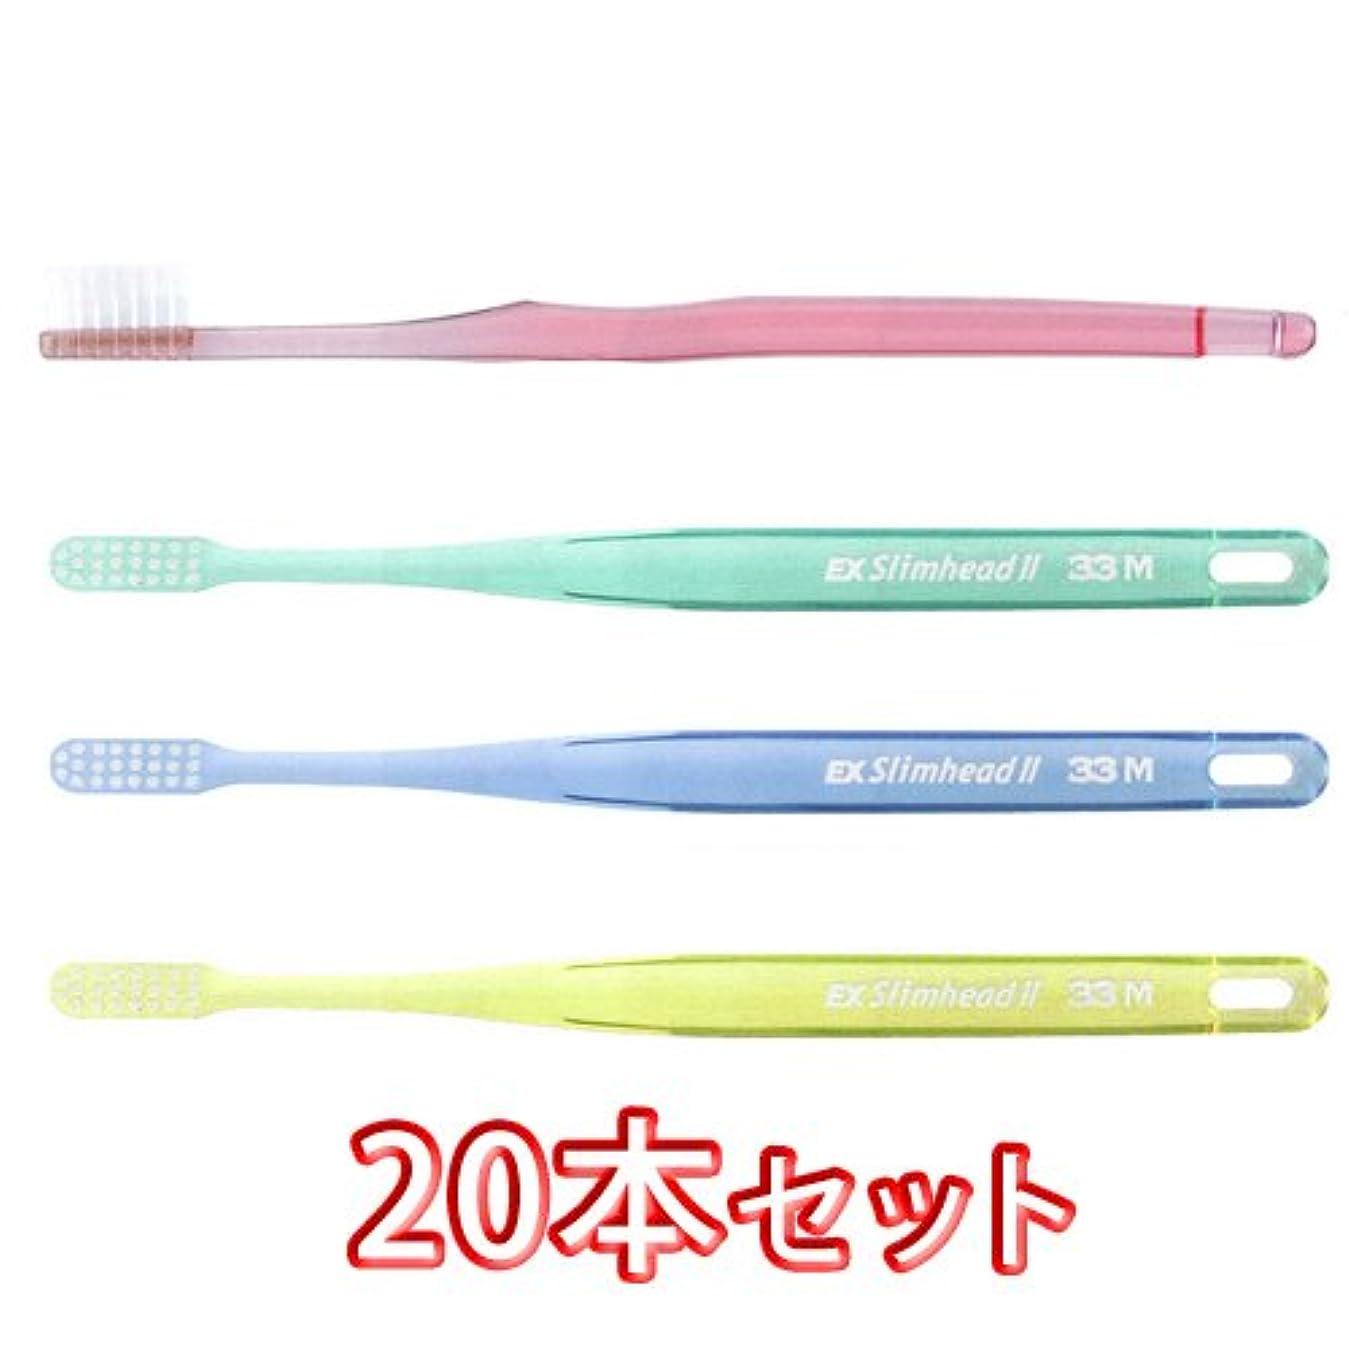 全能驚かすバルコニーライオン スリムヘッド2 歯ブラシ DENT . EX Slimhead2 20本入 (33M)